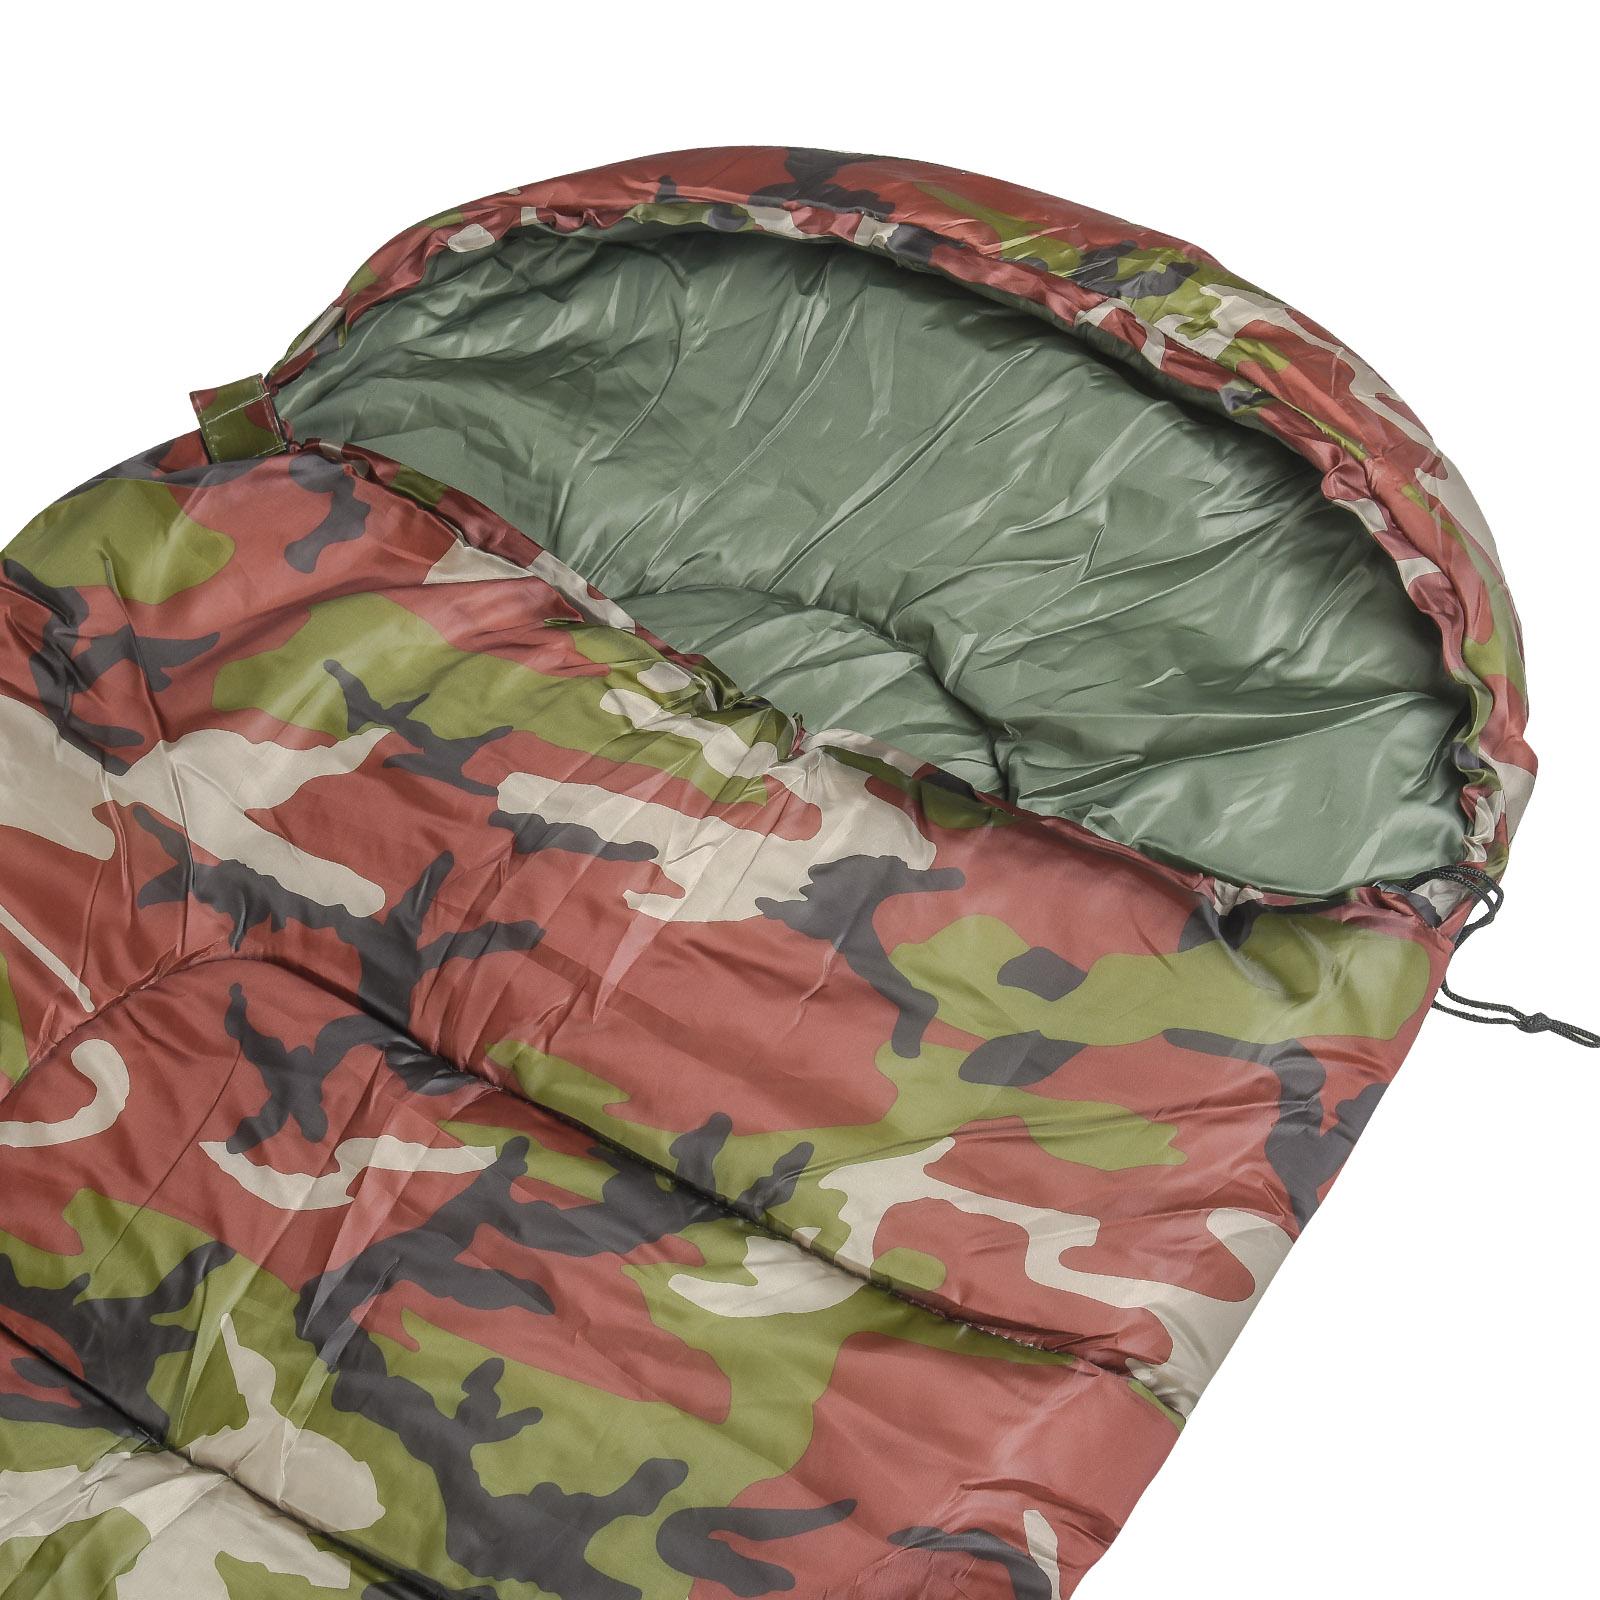 Походный спальный мешок расцветки хаки